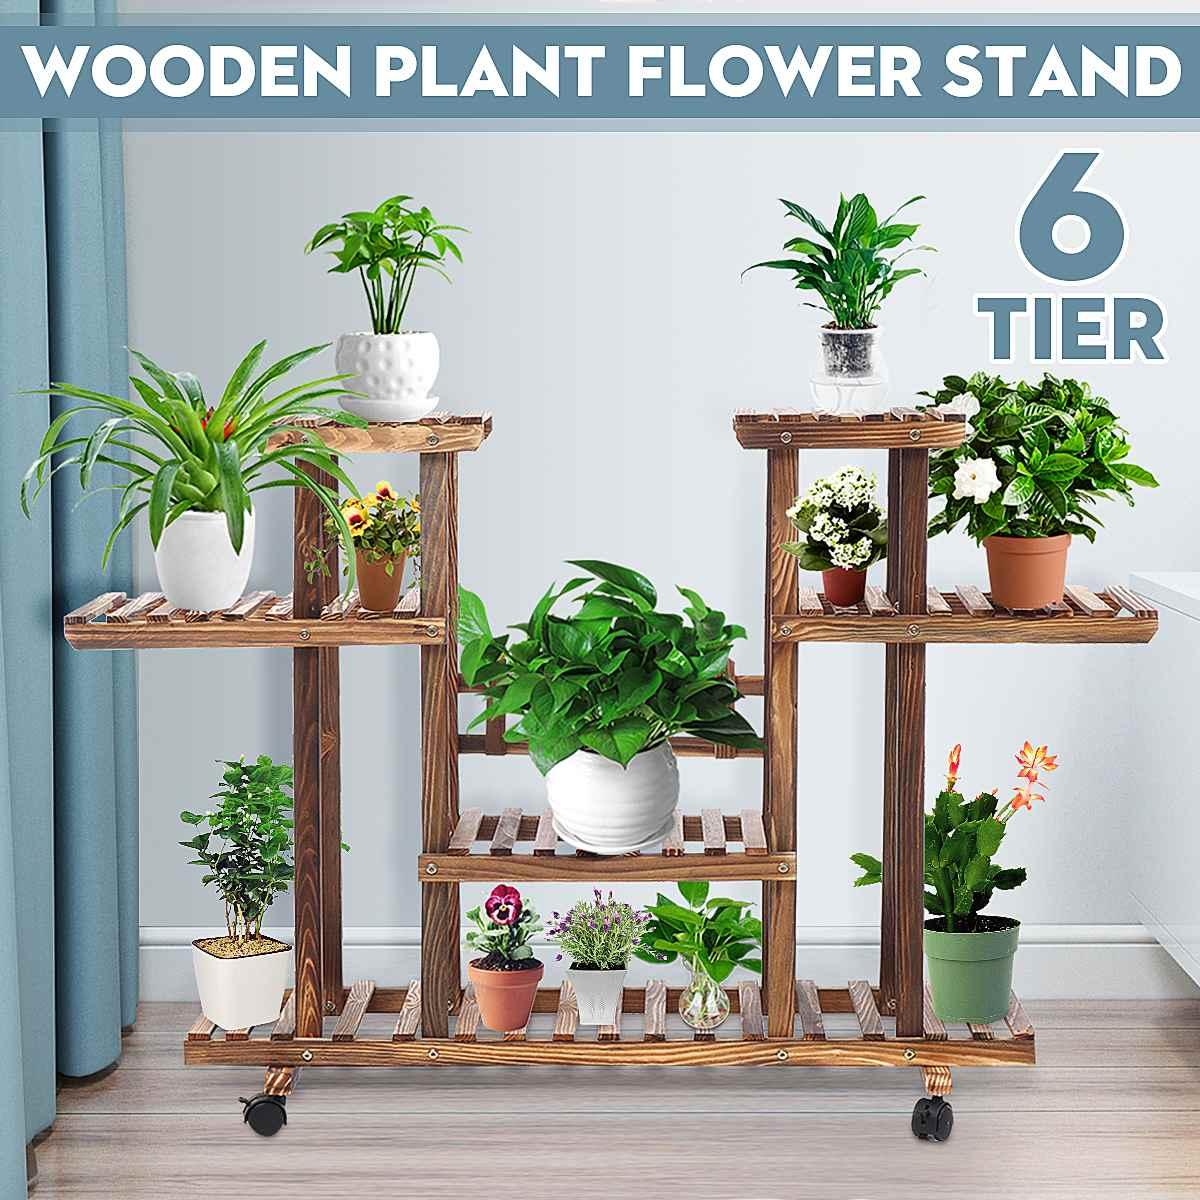 6-Tier 116*25*72cm Wood Flower Pot Plant Stand Home Garden Storage Display Shelves for Indoor Outdoor Yard Garden Patio Balcony